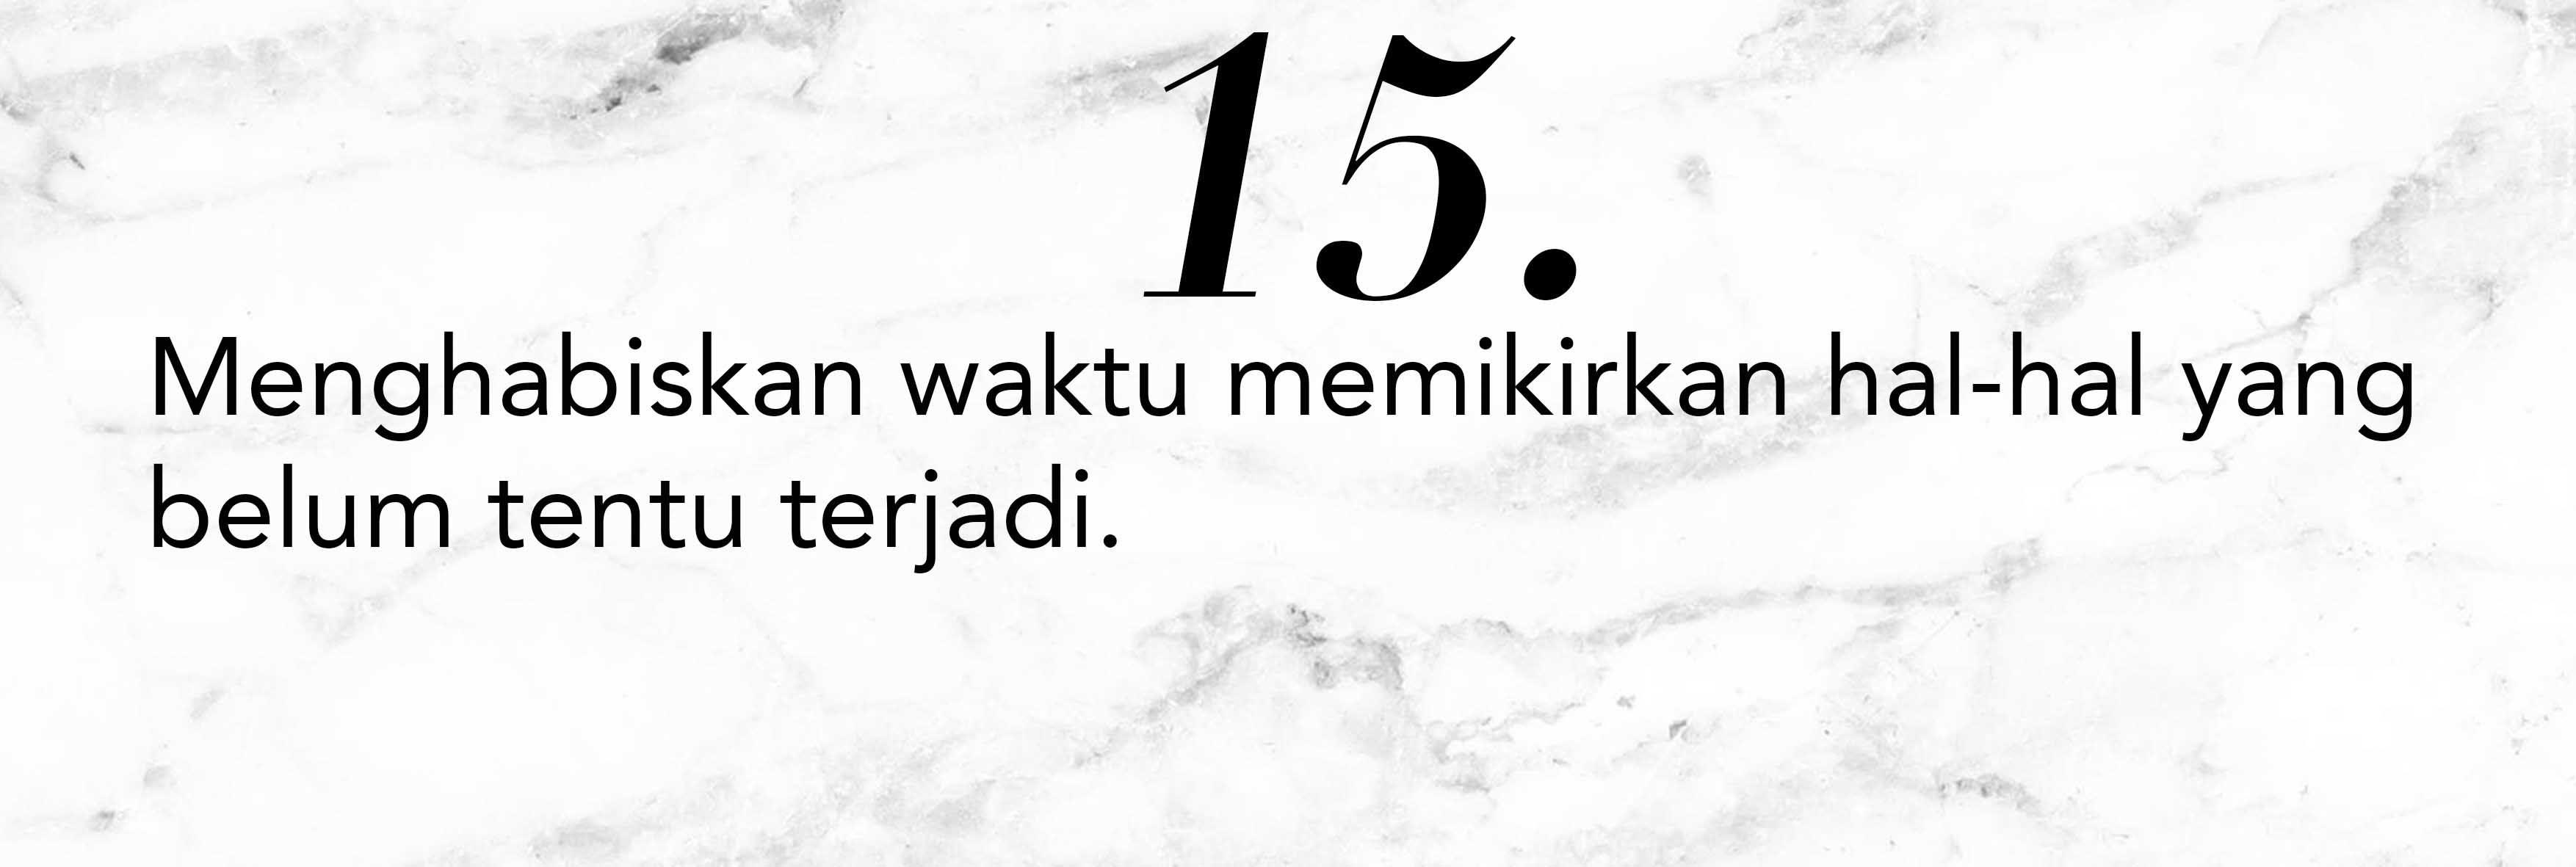 15 Tanda Kamu Menyia-Nyiakan Waktumu di Umur 20-an